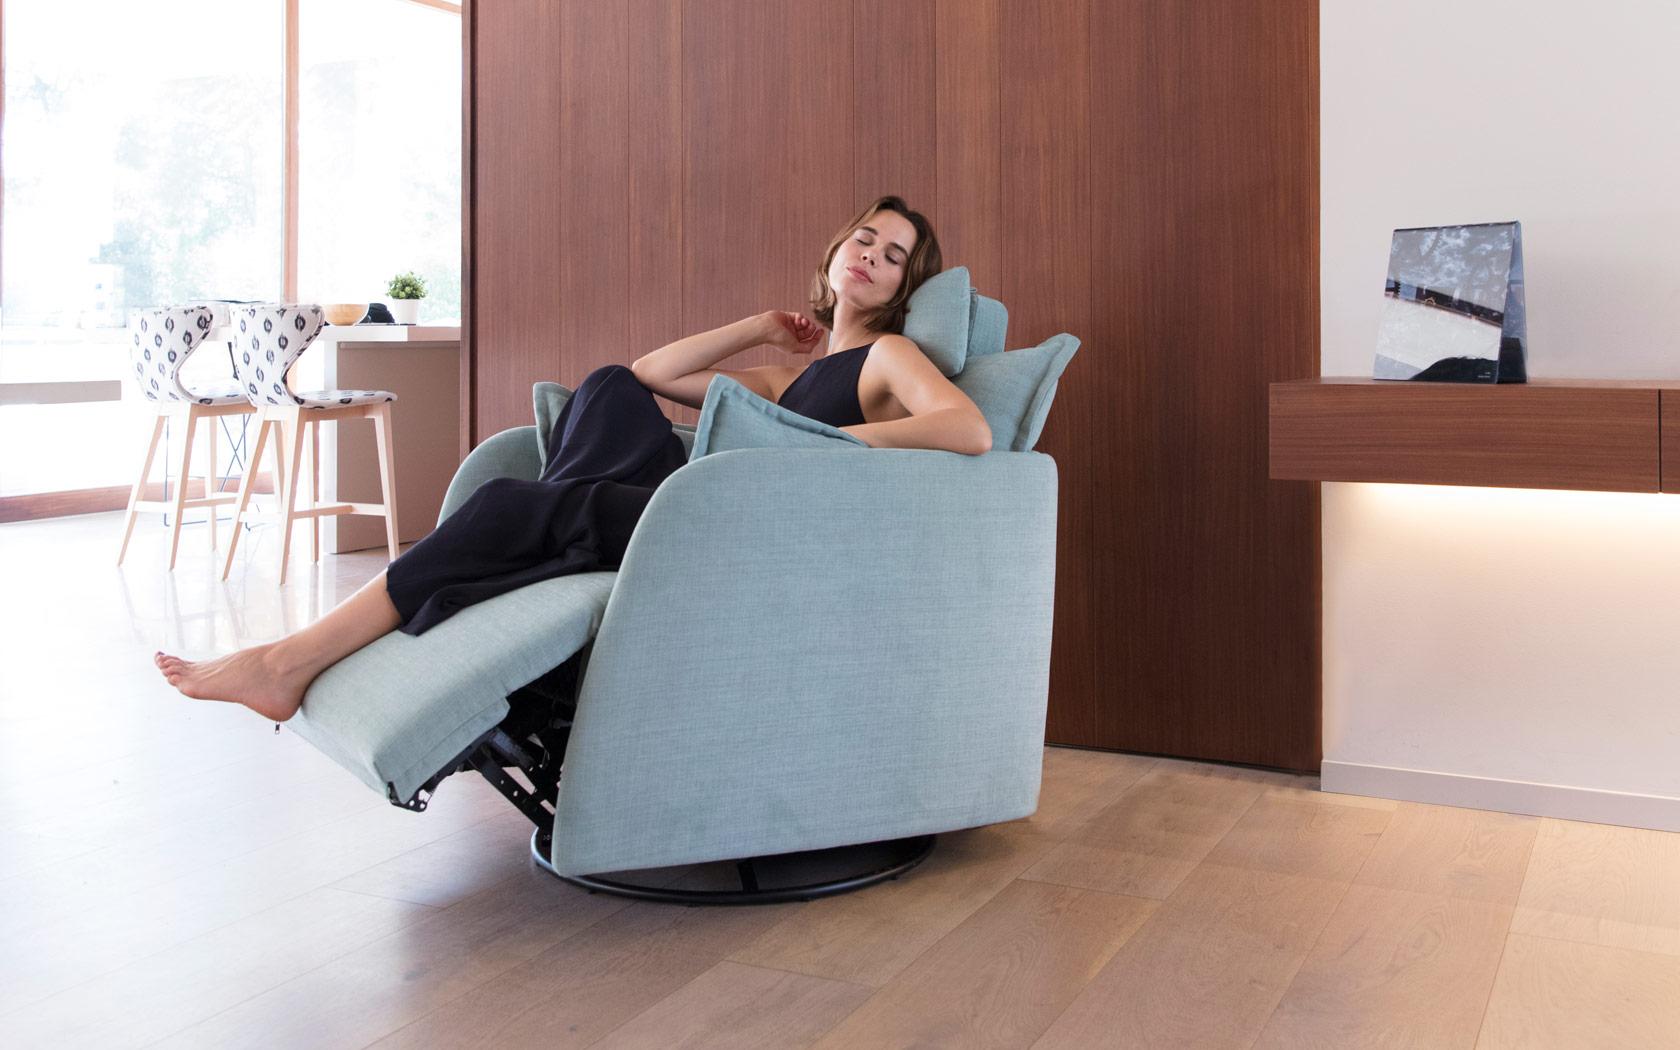 Nadia sillón relax 2020 04